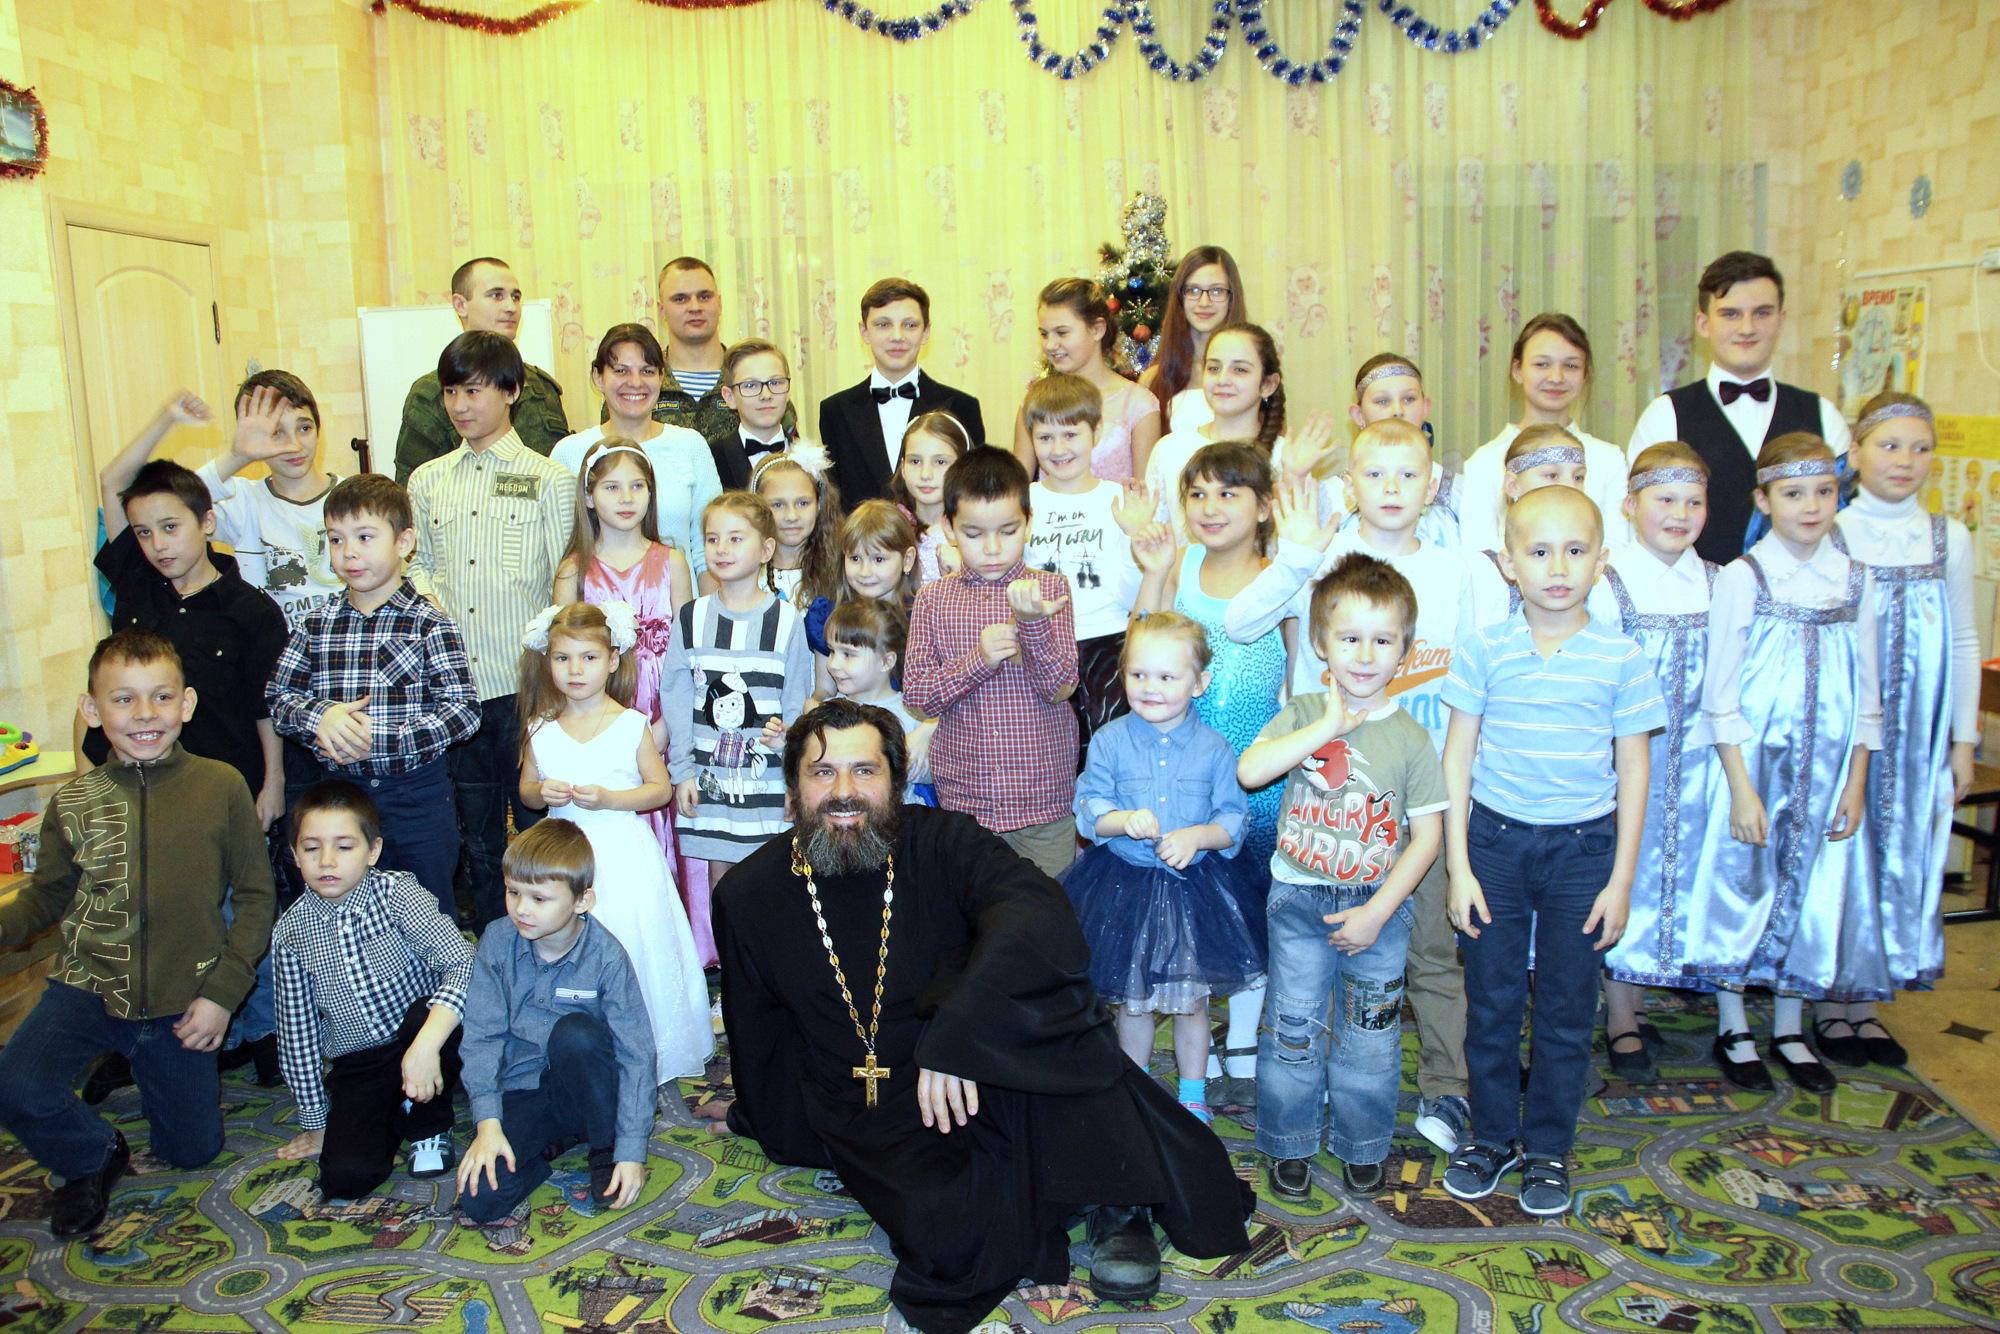 Рождественские посещения детских социальных учреждений Коломенского района